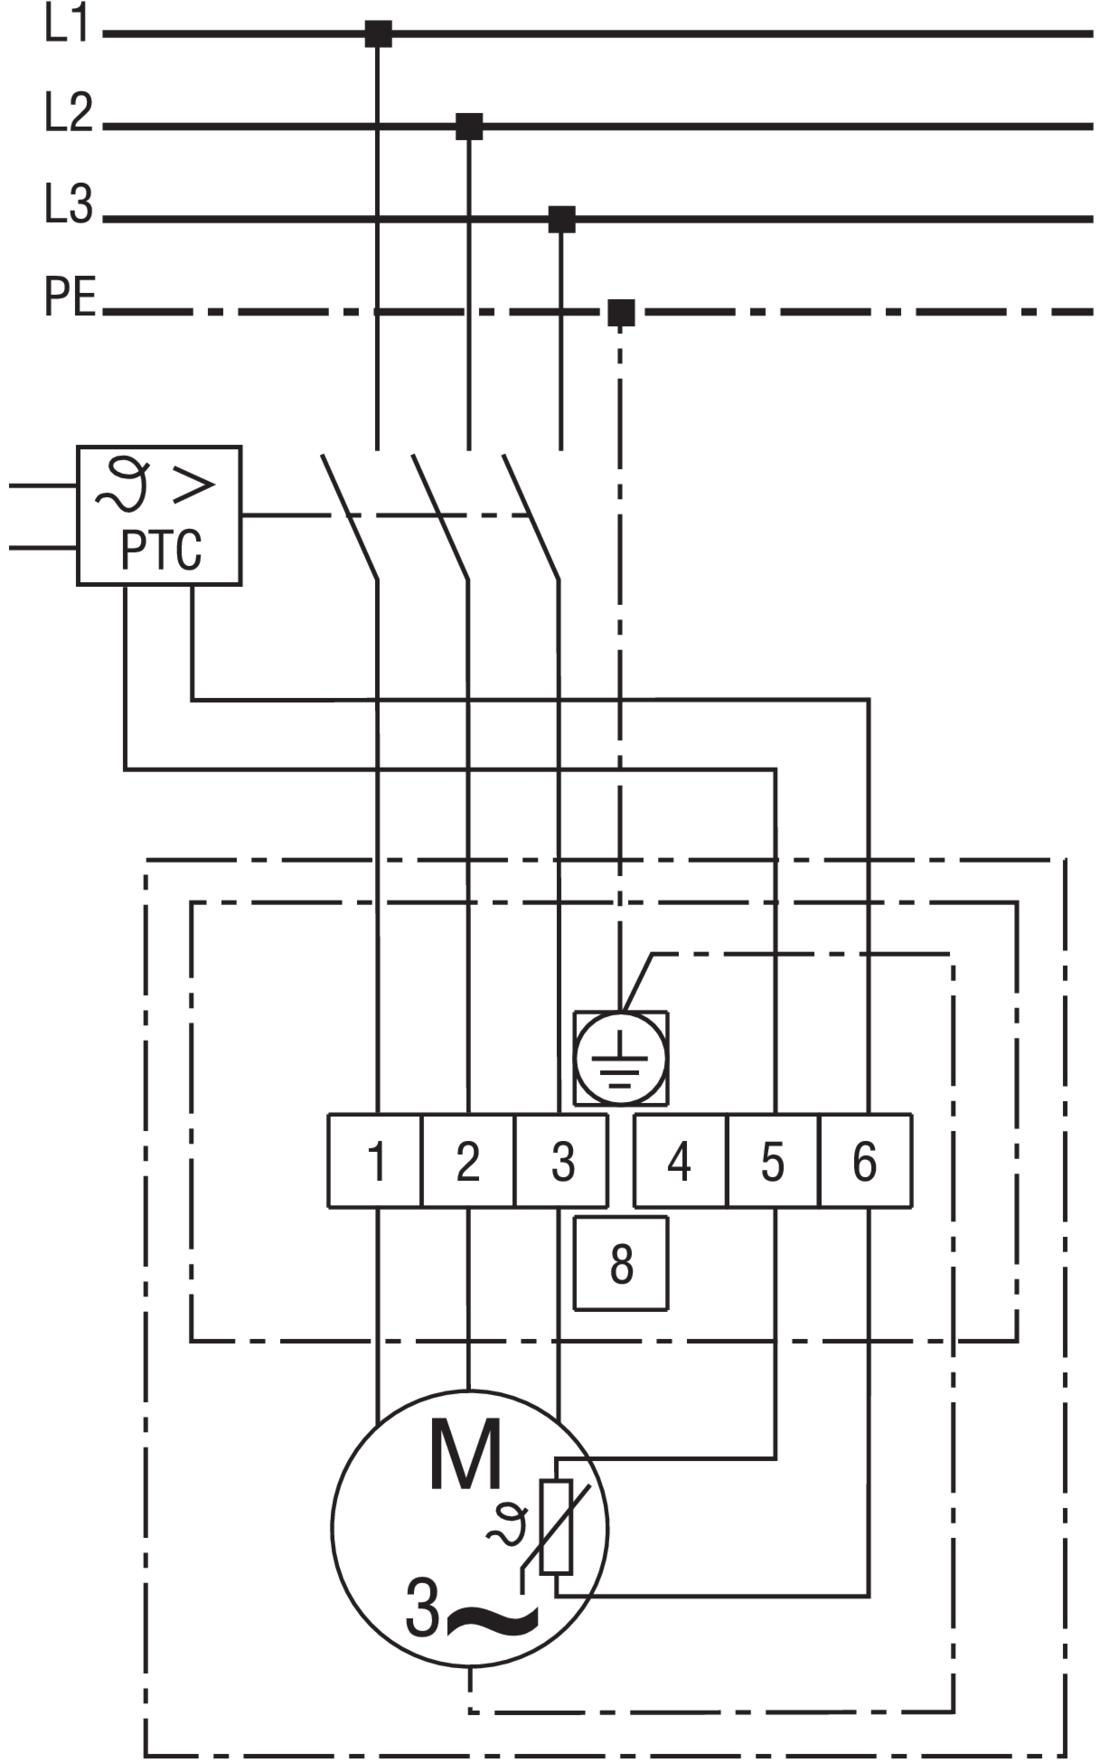 Dzr 30 2 B Ex E Maico Ptc Wiring Diagram Downloads